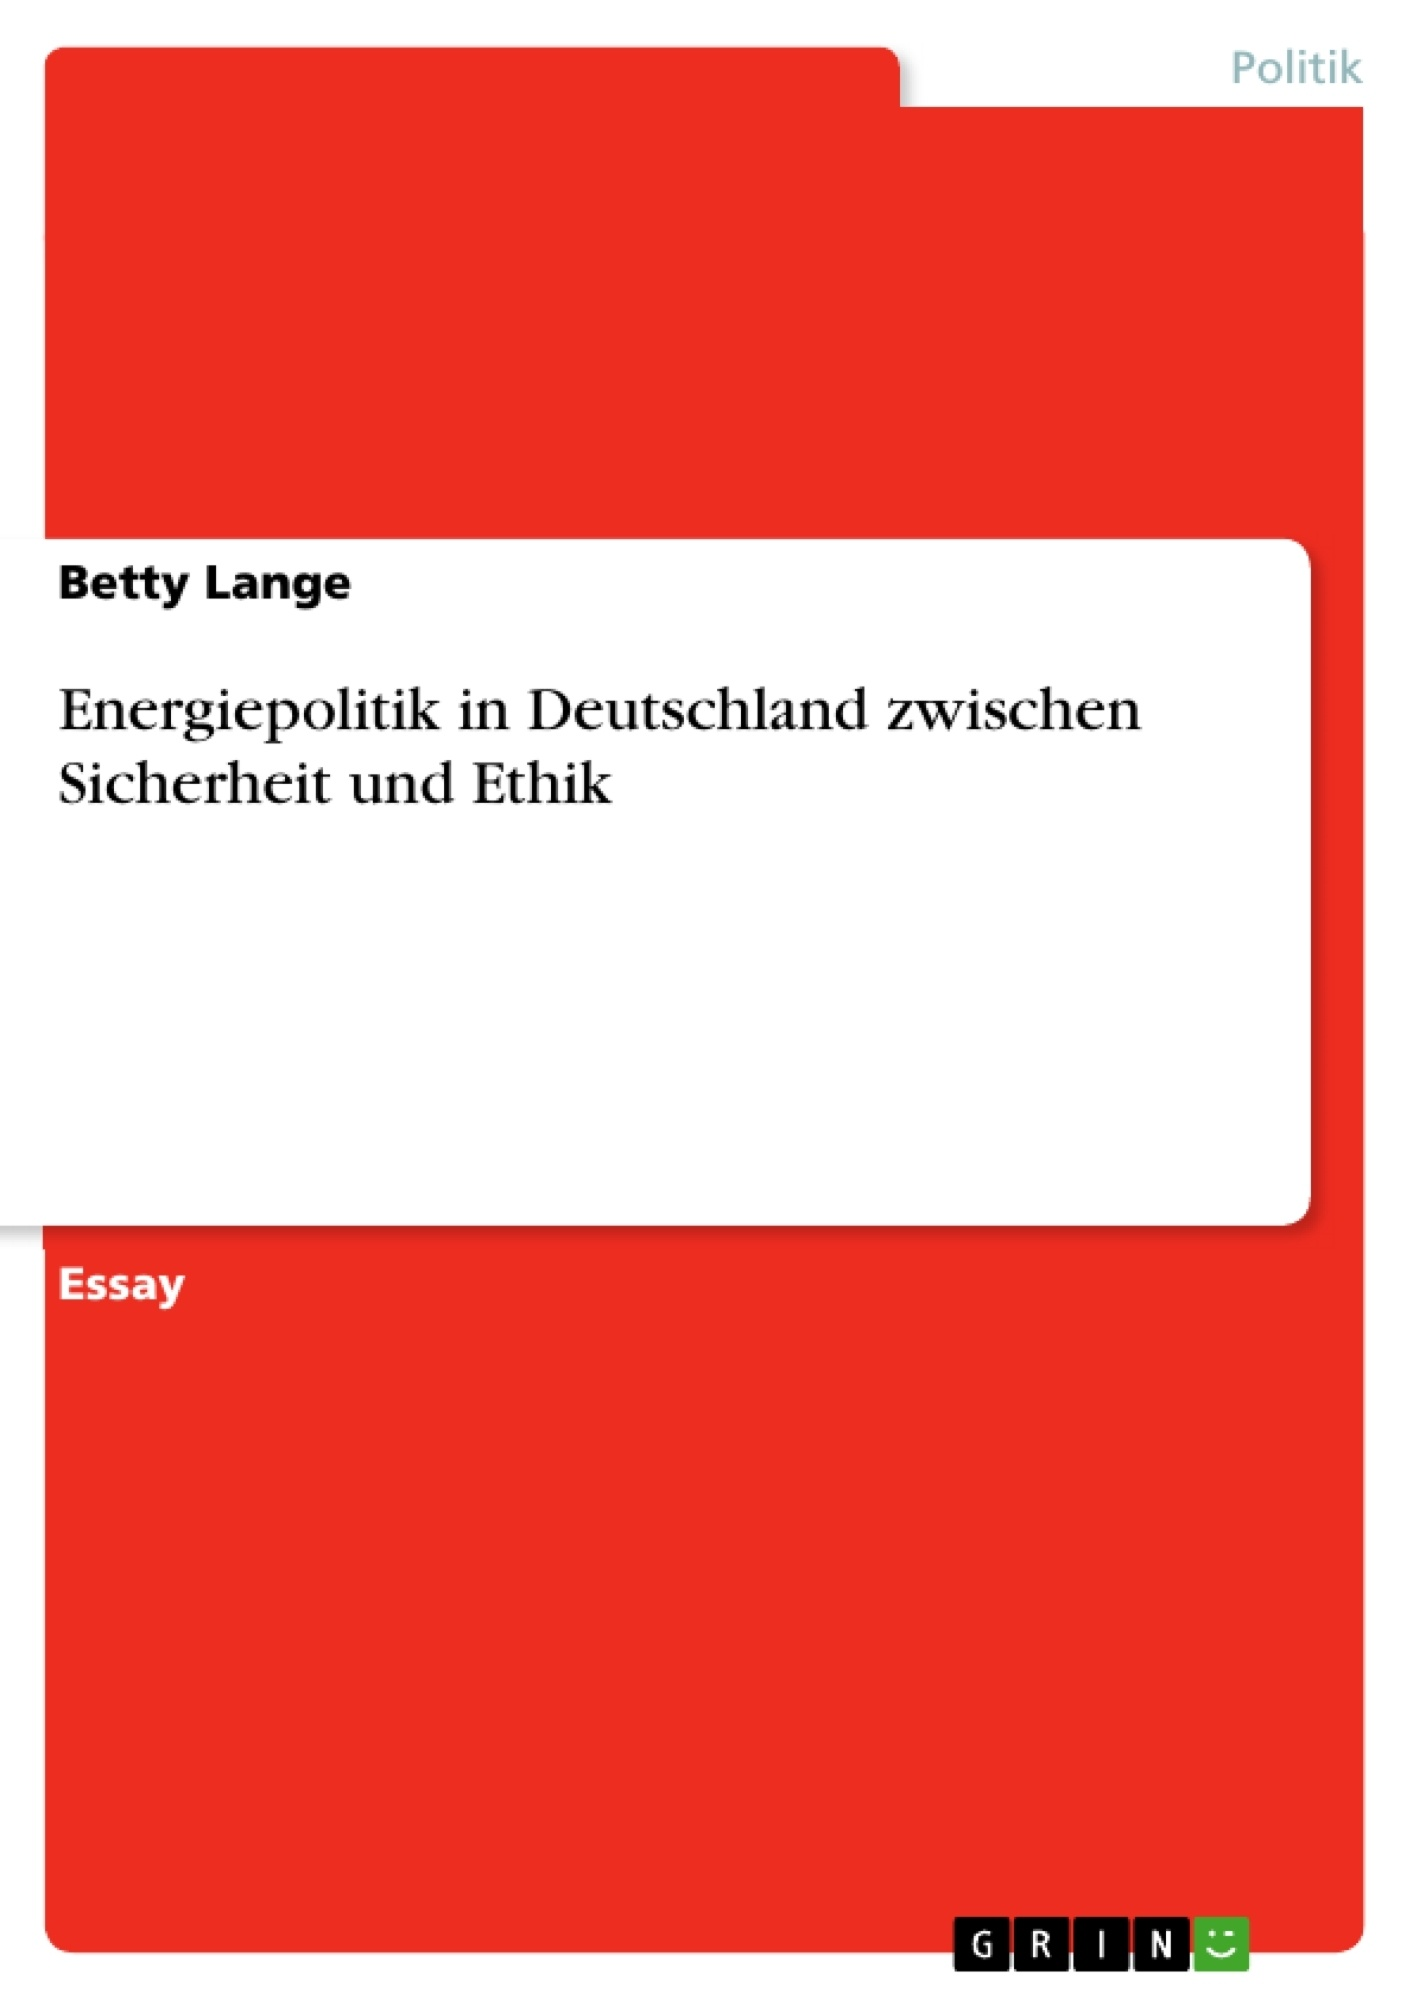 Titel: Energiepolitik in Deutschland zwischen Sicherheit und Ethik